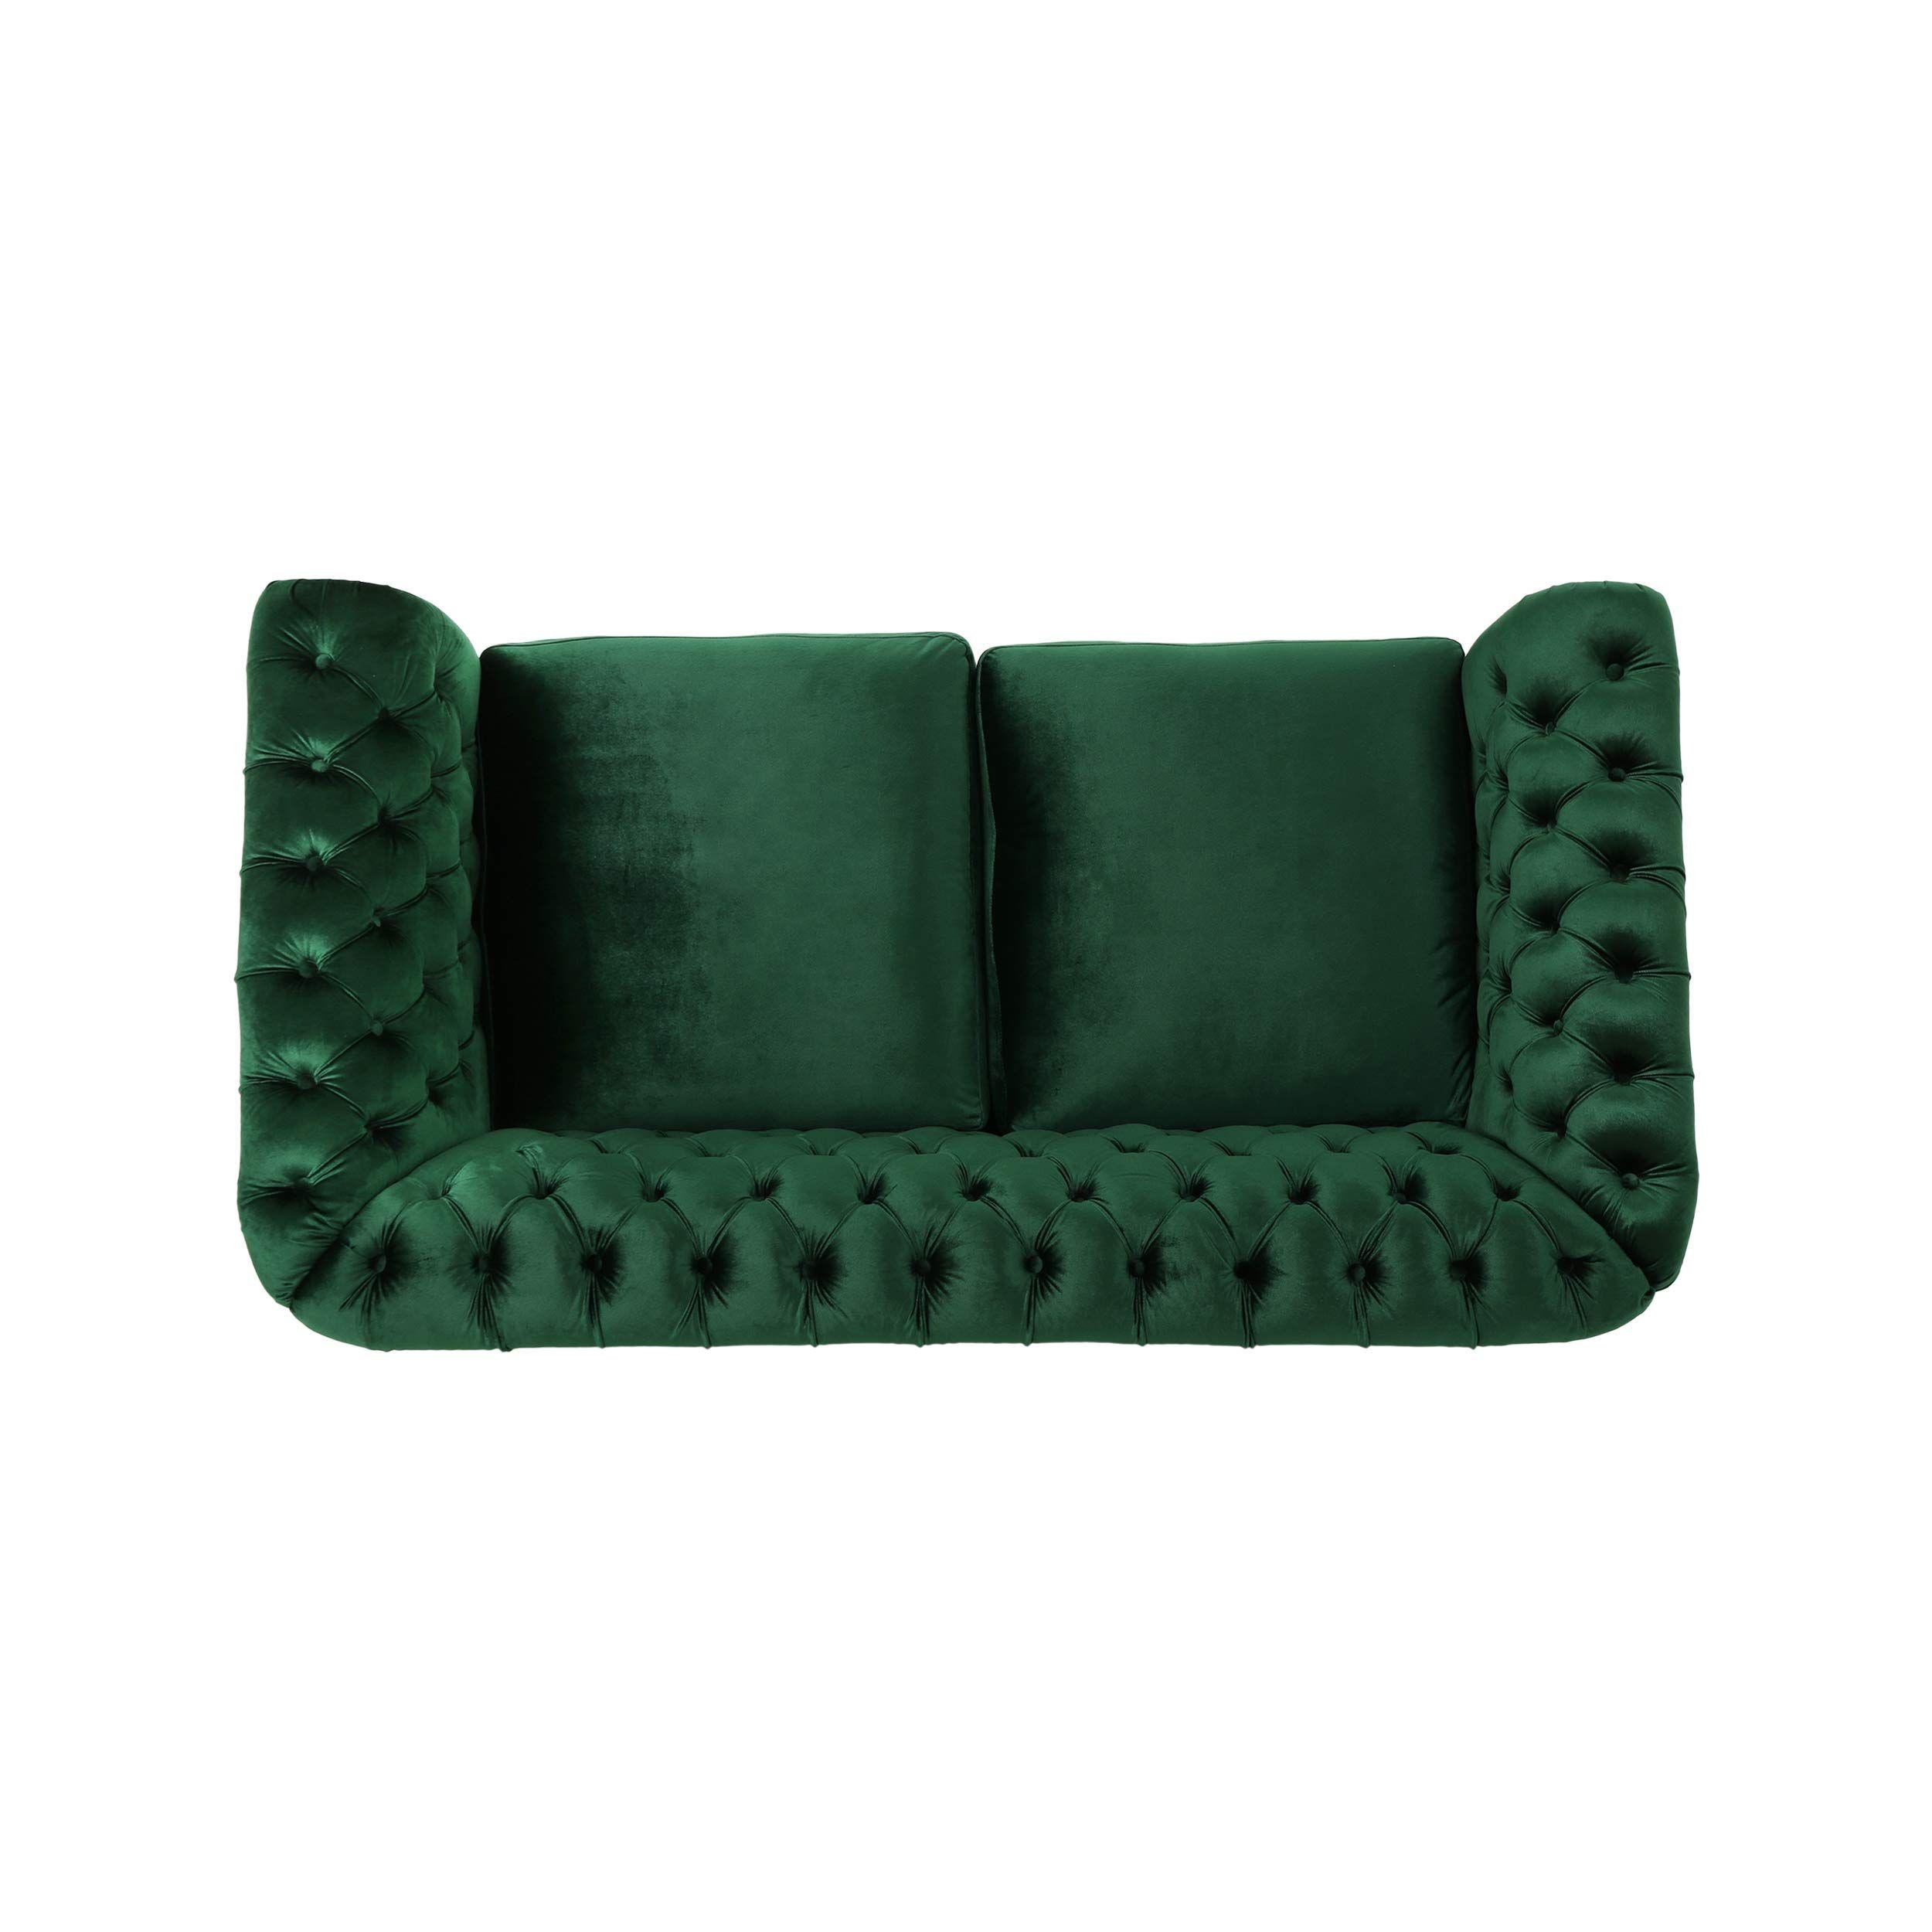 Superb Karen Traditional Chesterfield Loveseat Sofa Emerald And Short Links Chair Design For Home Short Linksinfo